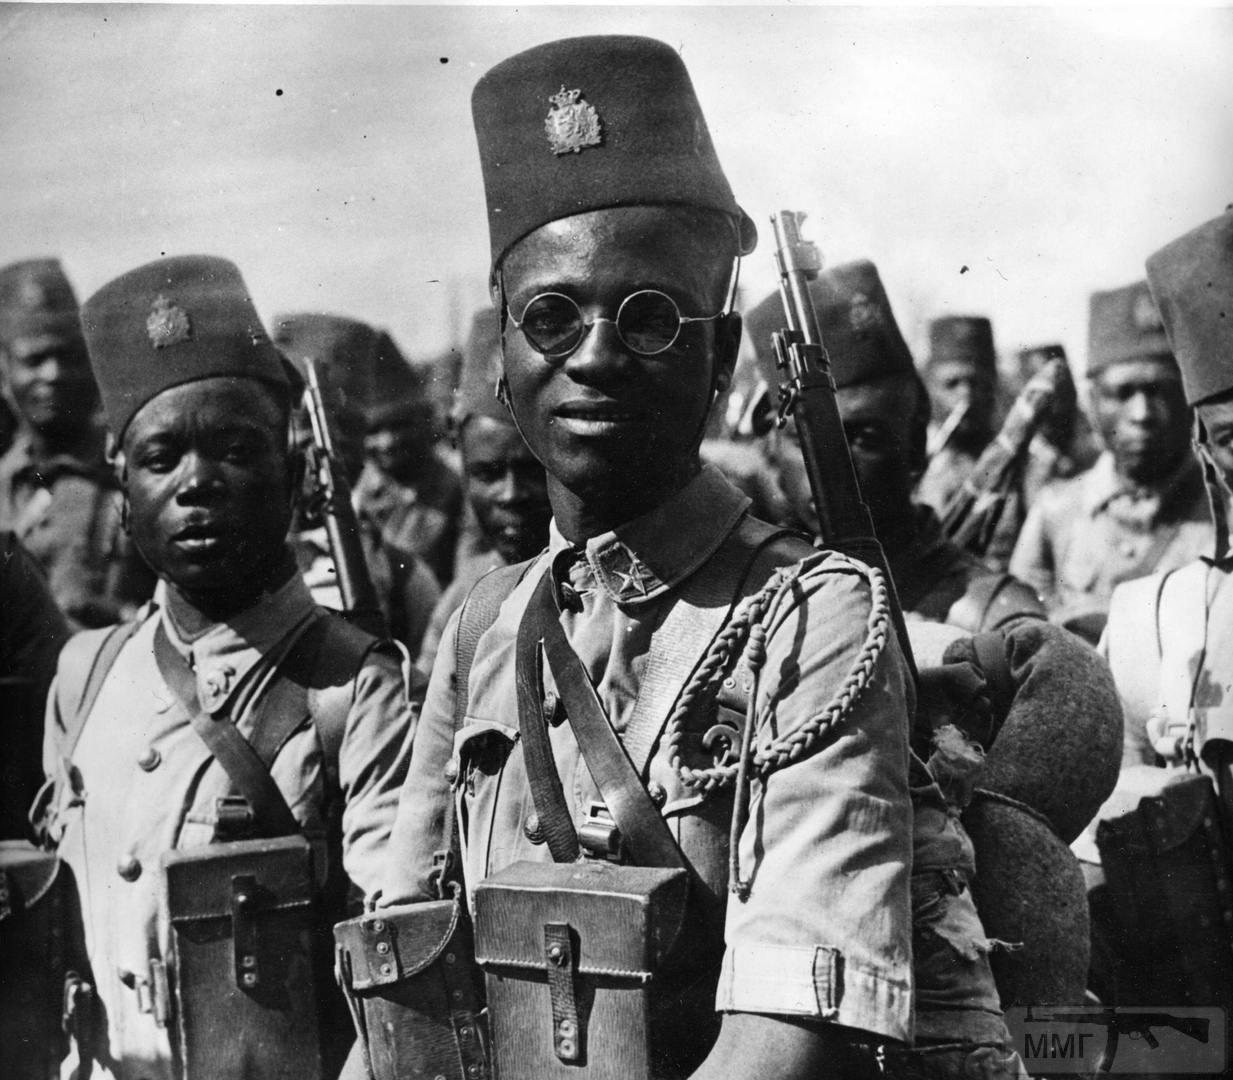 60325 - Военное фото 1939-1945 г.г. Западный фронт и Африка.